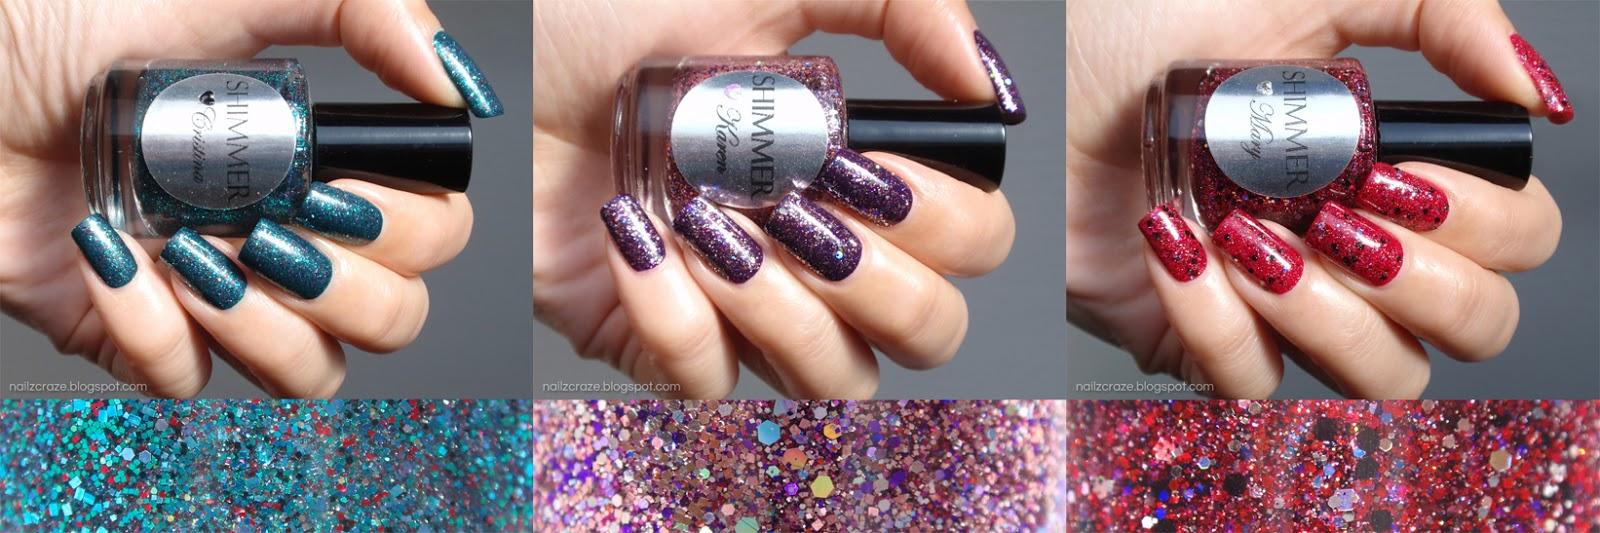 Shimmer Nail Polish Swatches and Review - Cristina, Karen & Mary ...